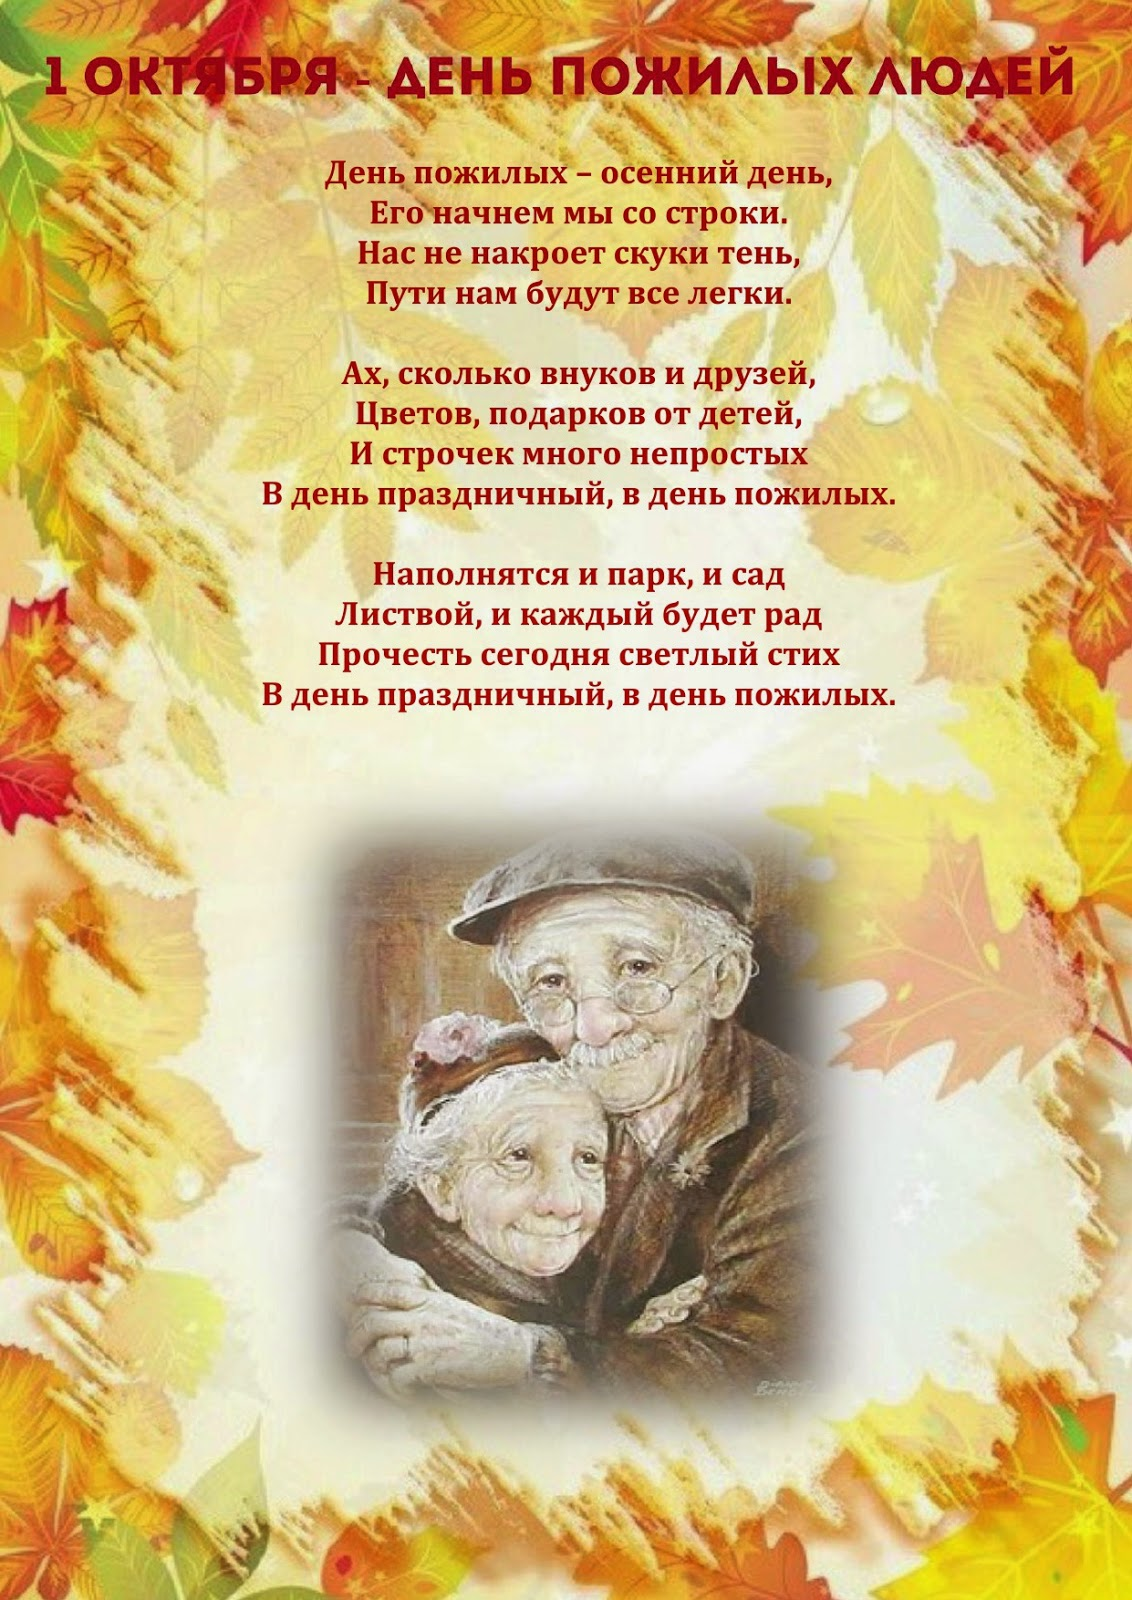 Поздравление пожилому человеку не в стихах 668